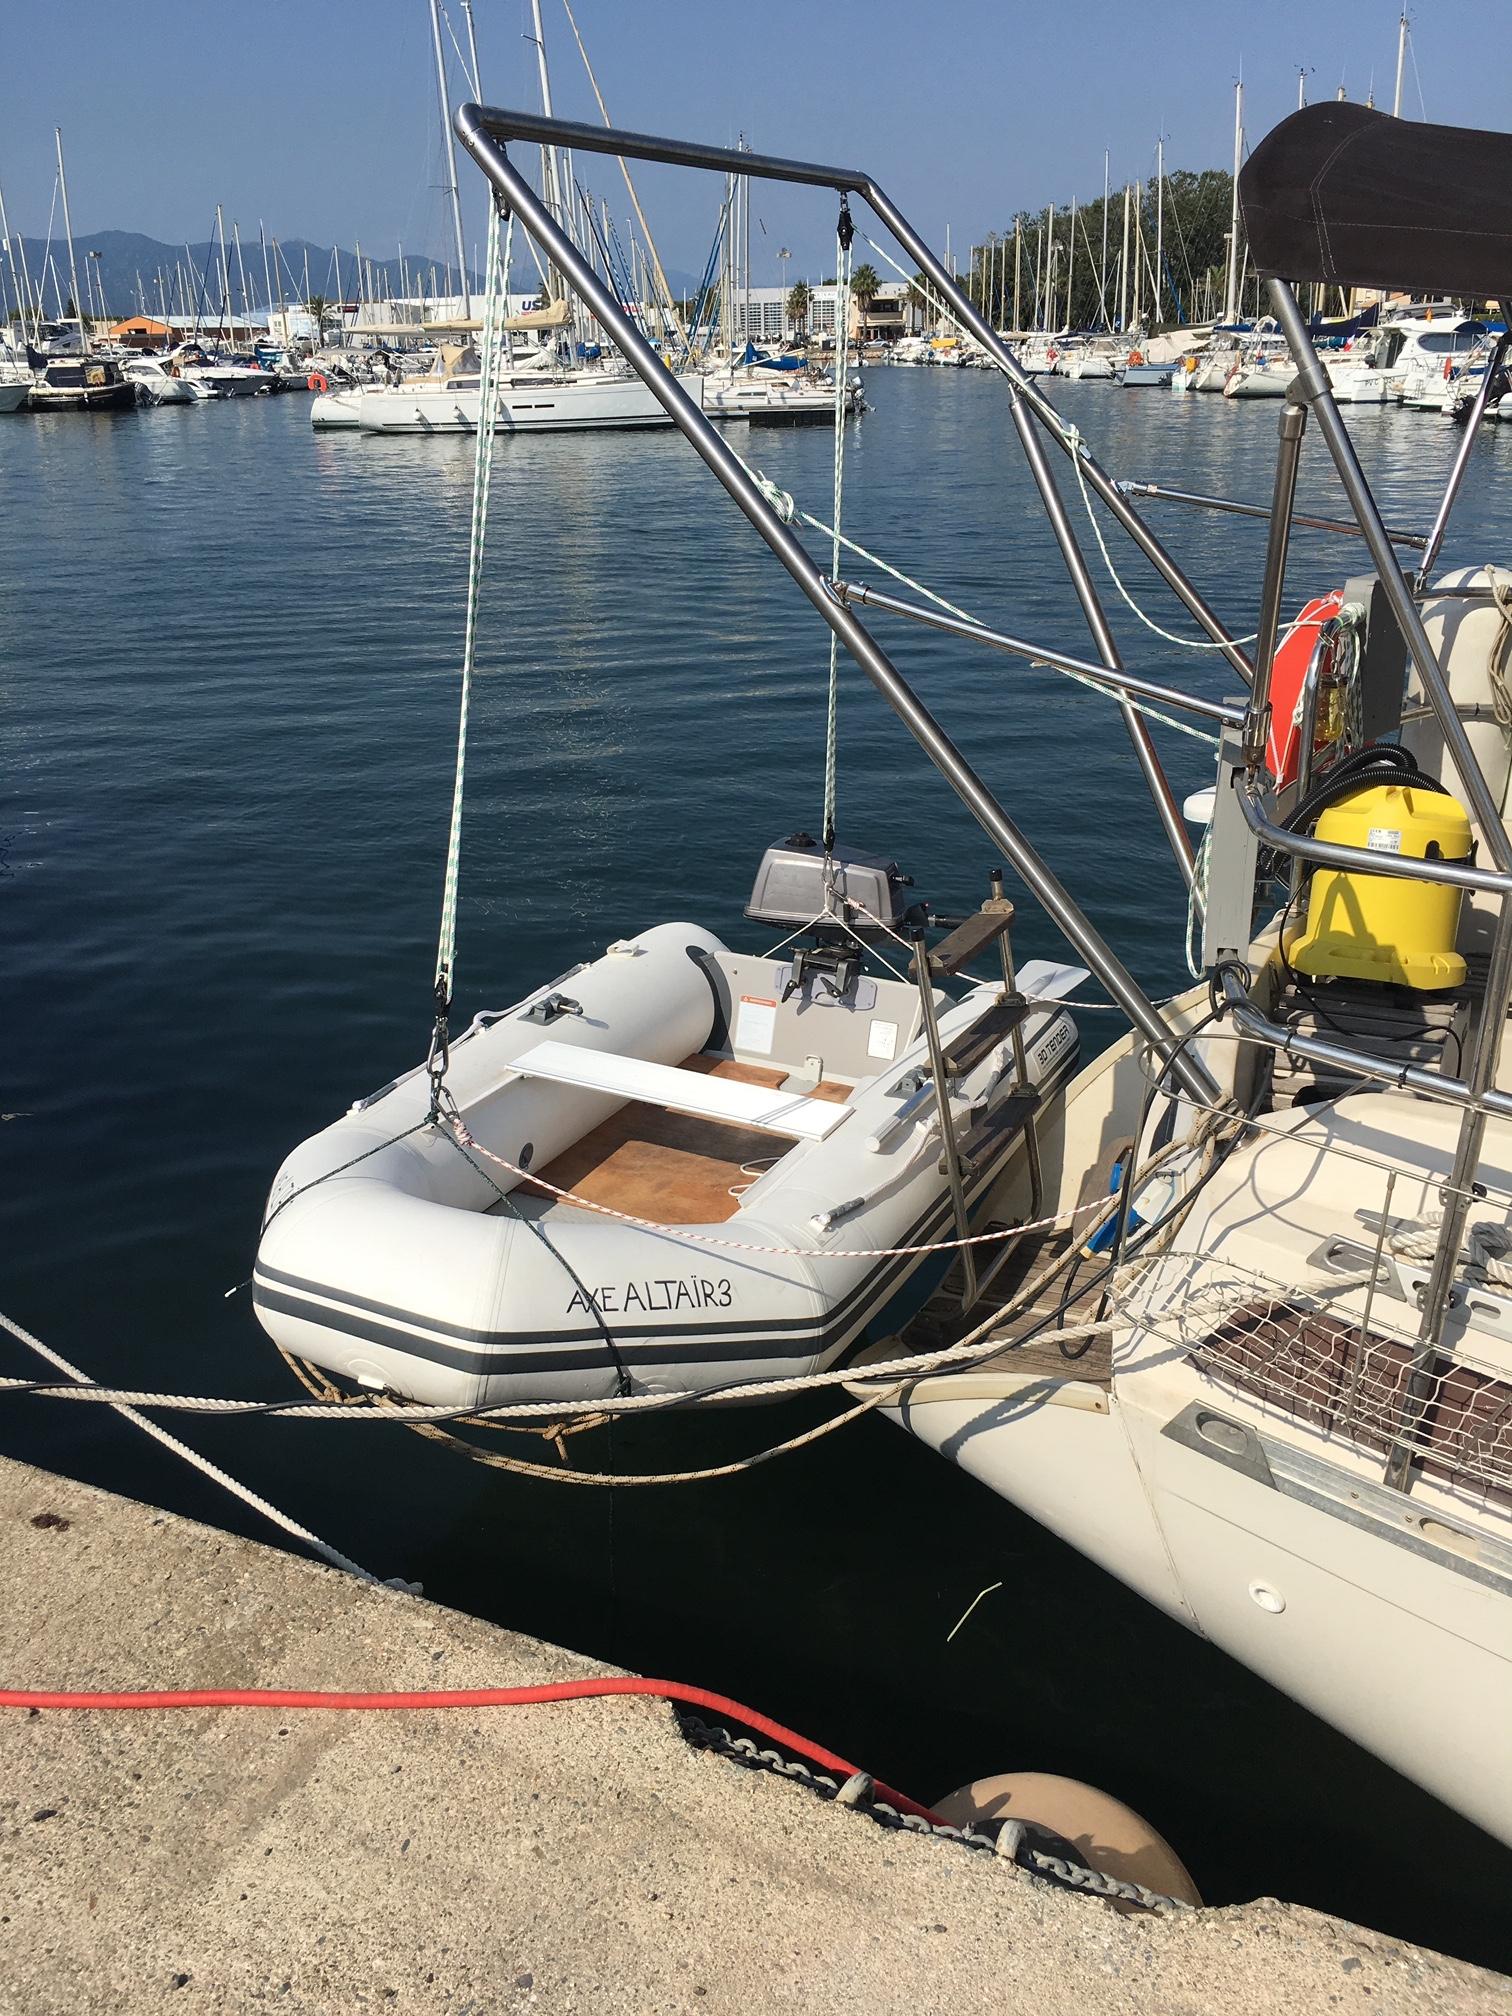 Conception et fabrication par notre client d'un support pour bateau en inox à partir de notre gamme de pièces détachées rubrique inox . Localisation Var